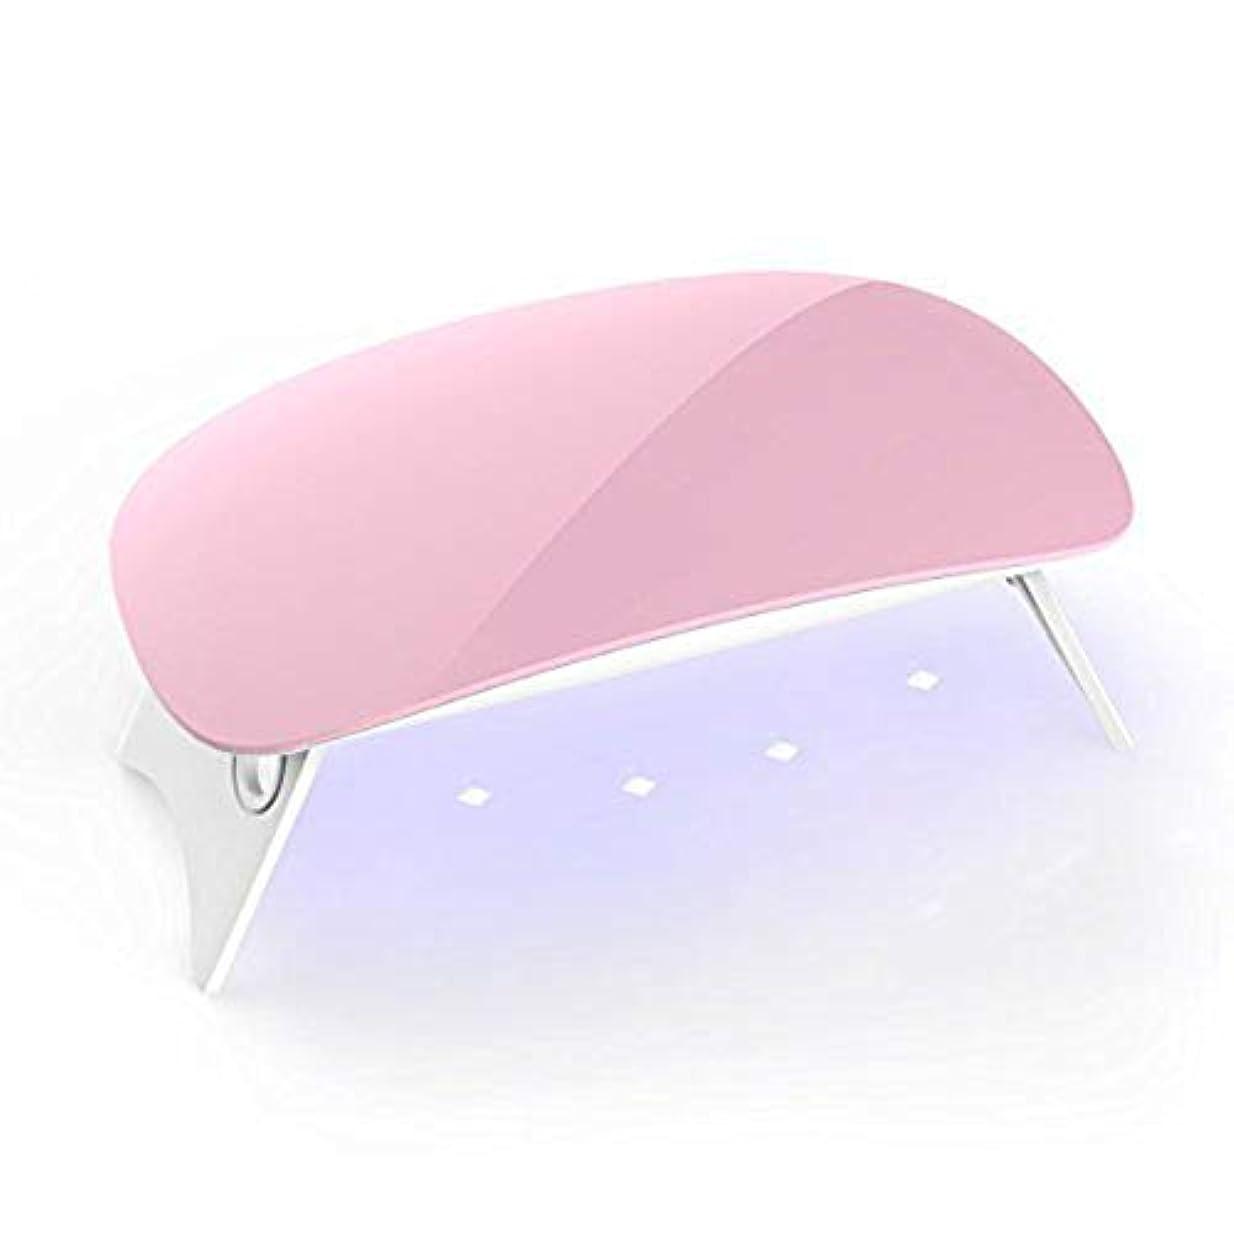 賢い偽造暗唱するネイルグルー用の6W UV LED、2つのプリセットタイマー(45秒、60秒)